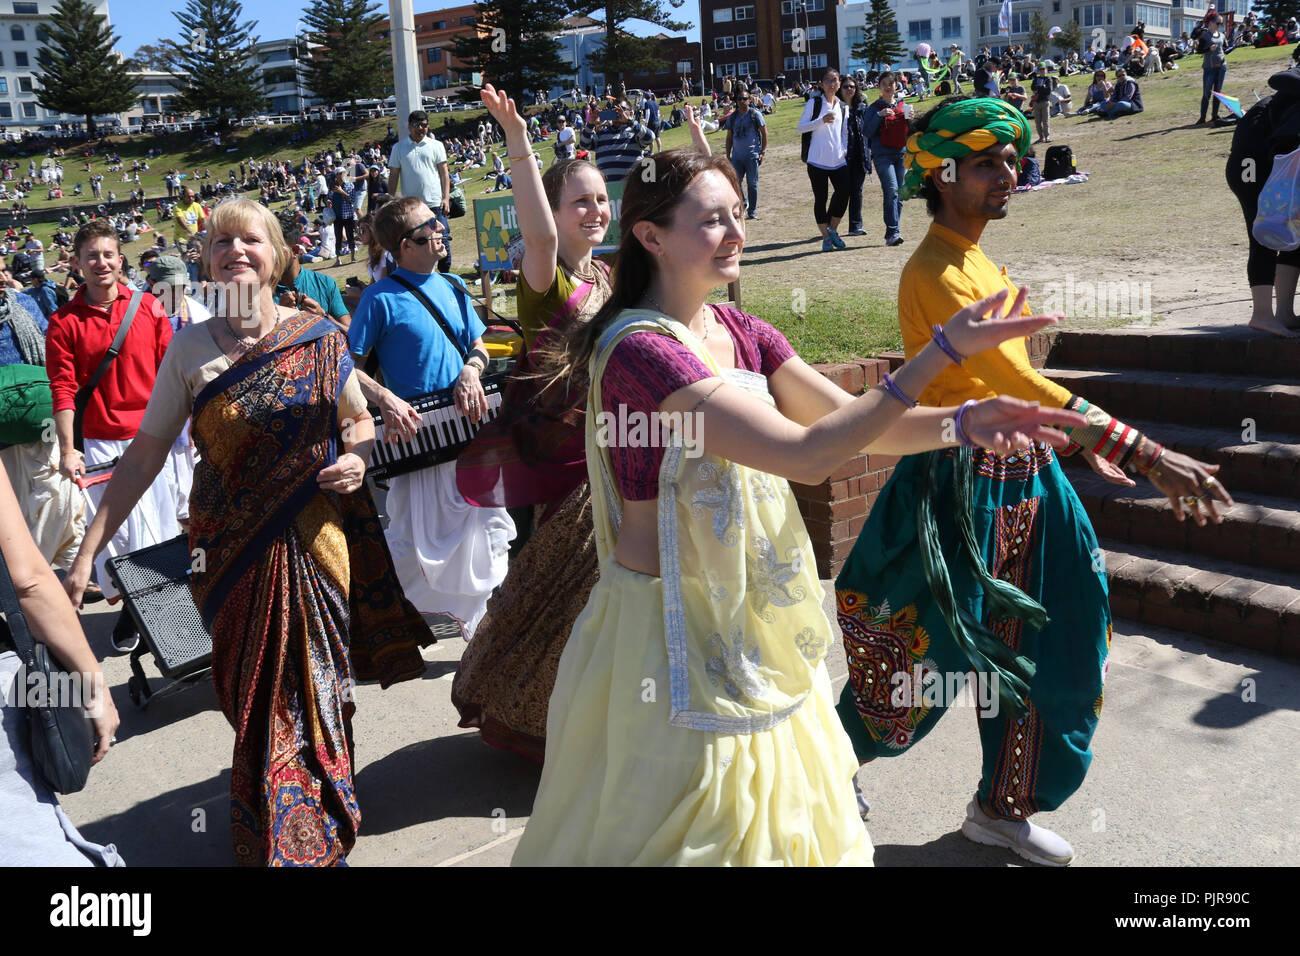 Adeptes Hare Krishna à Bondi Beach, Sydney, Australie Banque D'Images